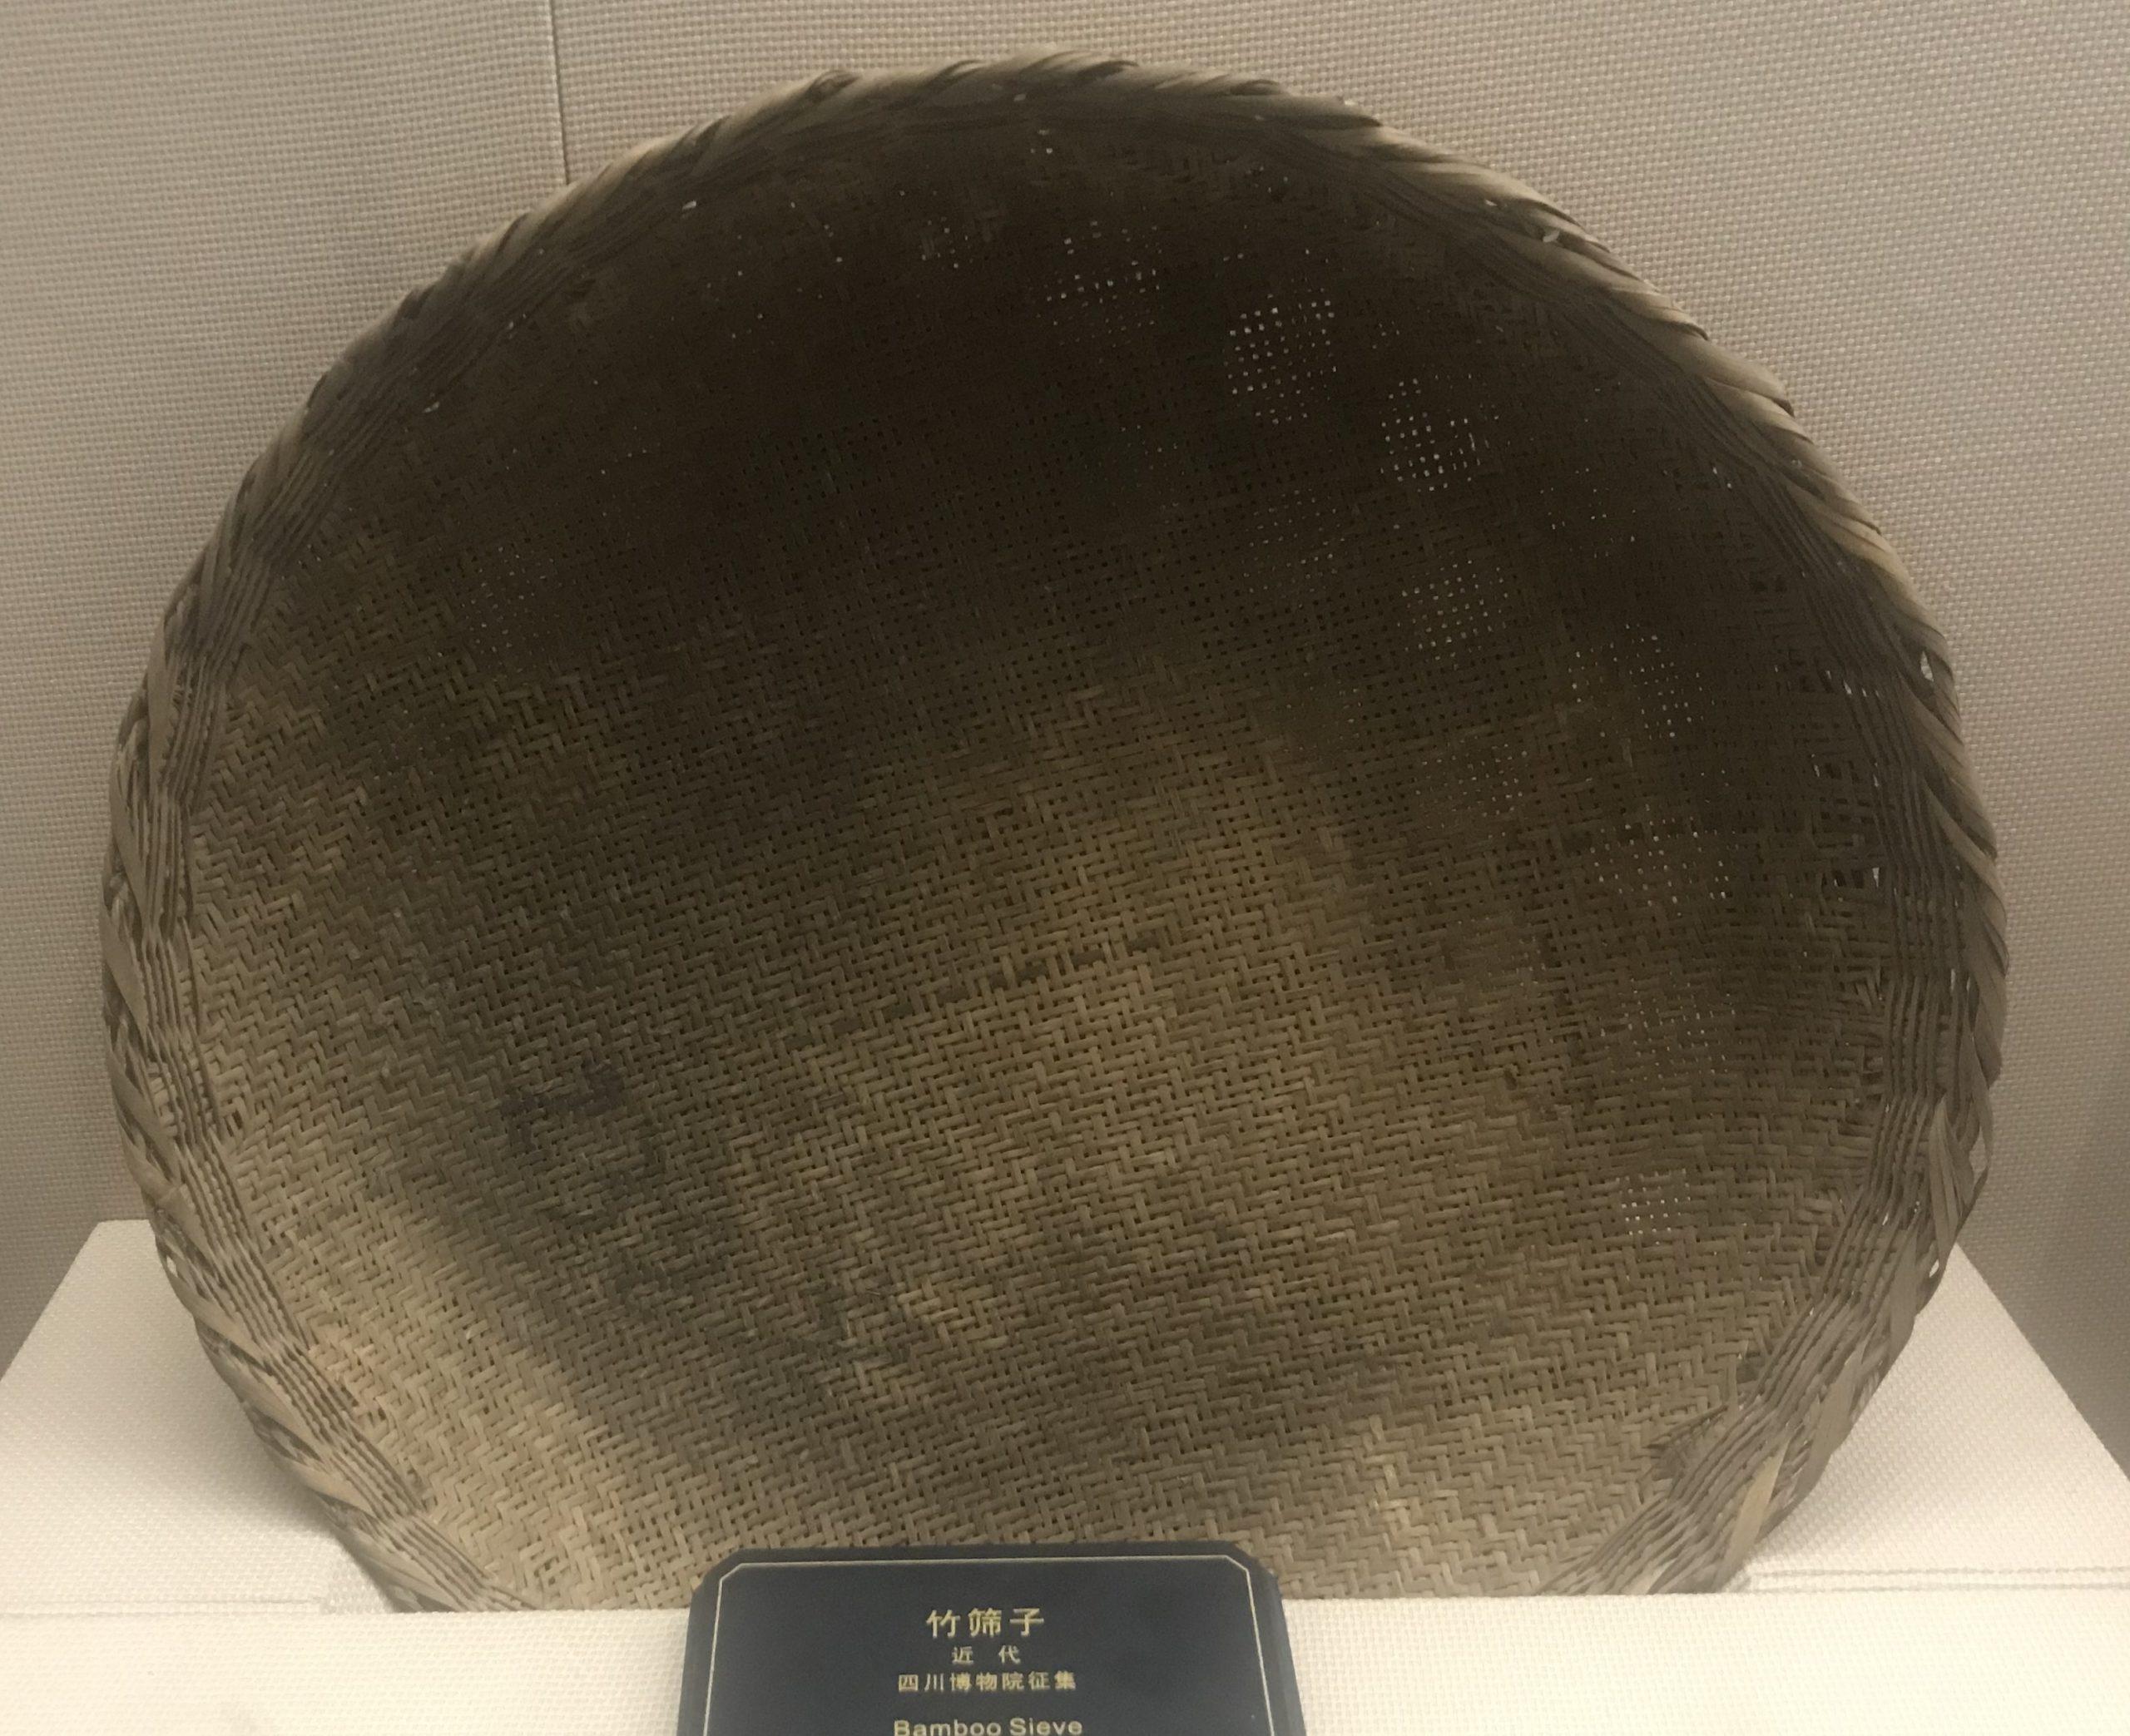 竹ふるい-彜族工具-四川民族文物館-四川博物館-成都